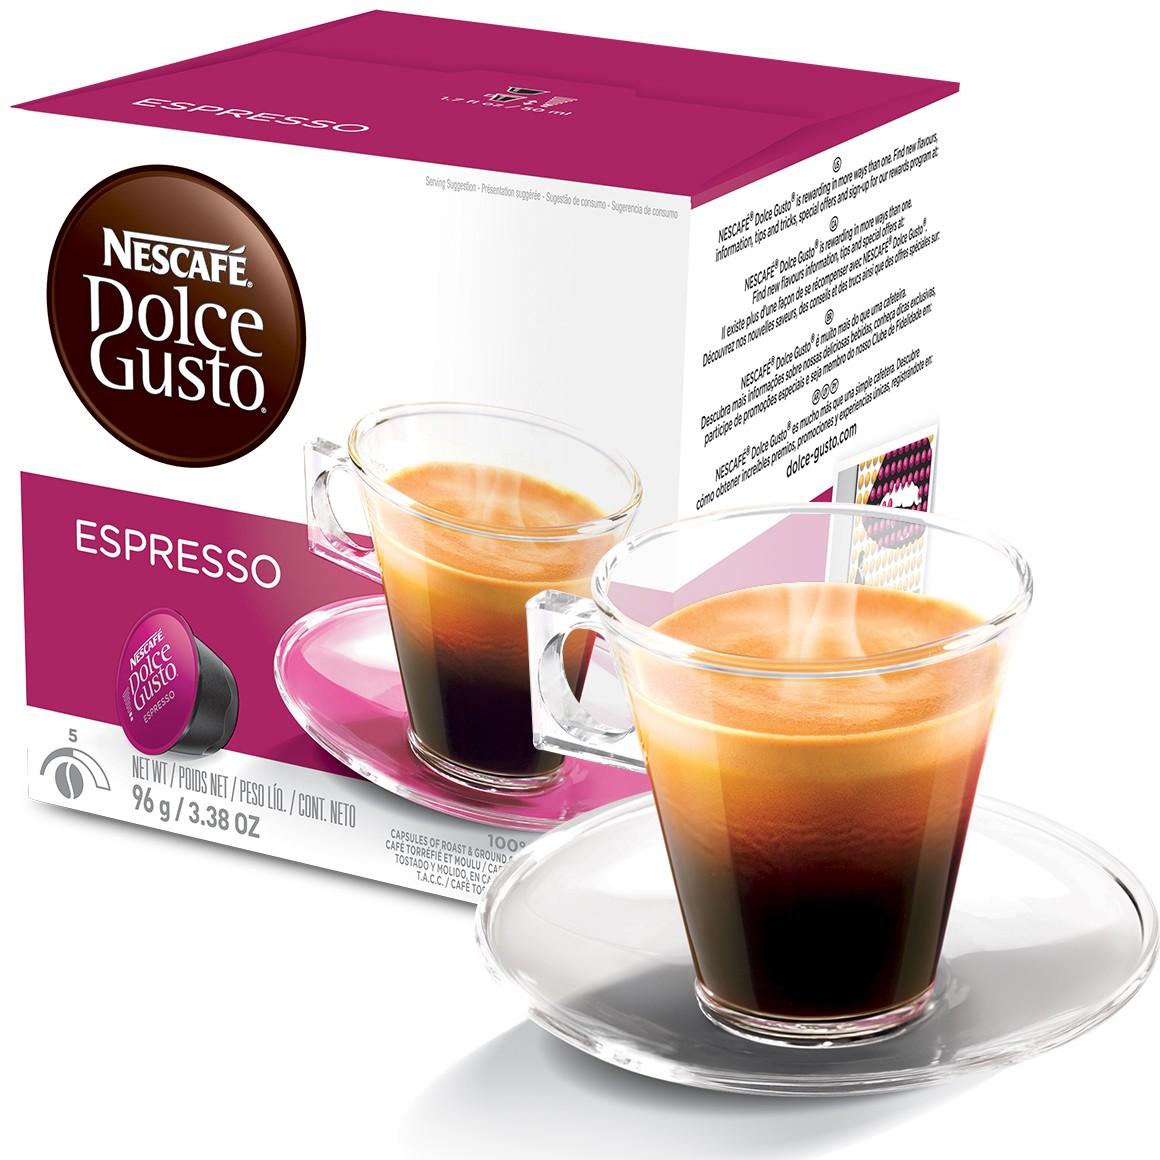 Cápsula Nescafé Dolce Gusto Café Espresso 16 Cápsulas - Nestlé